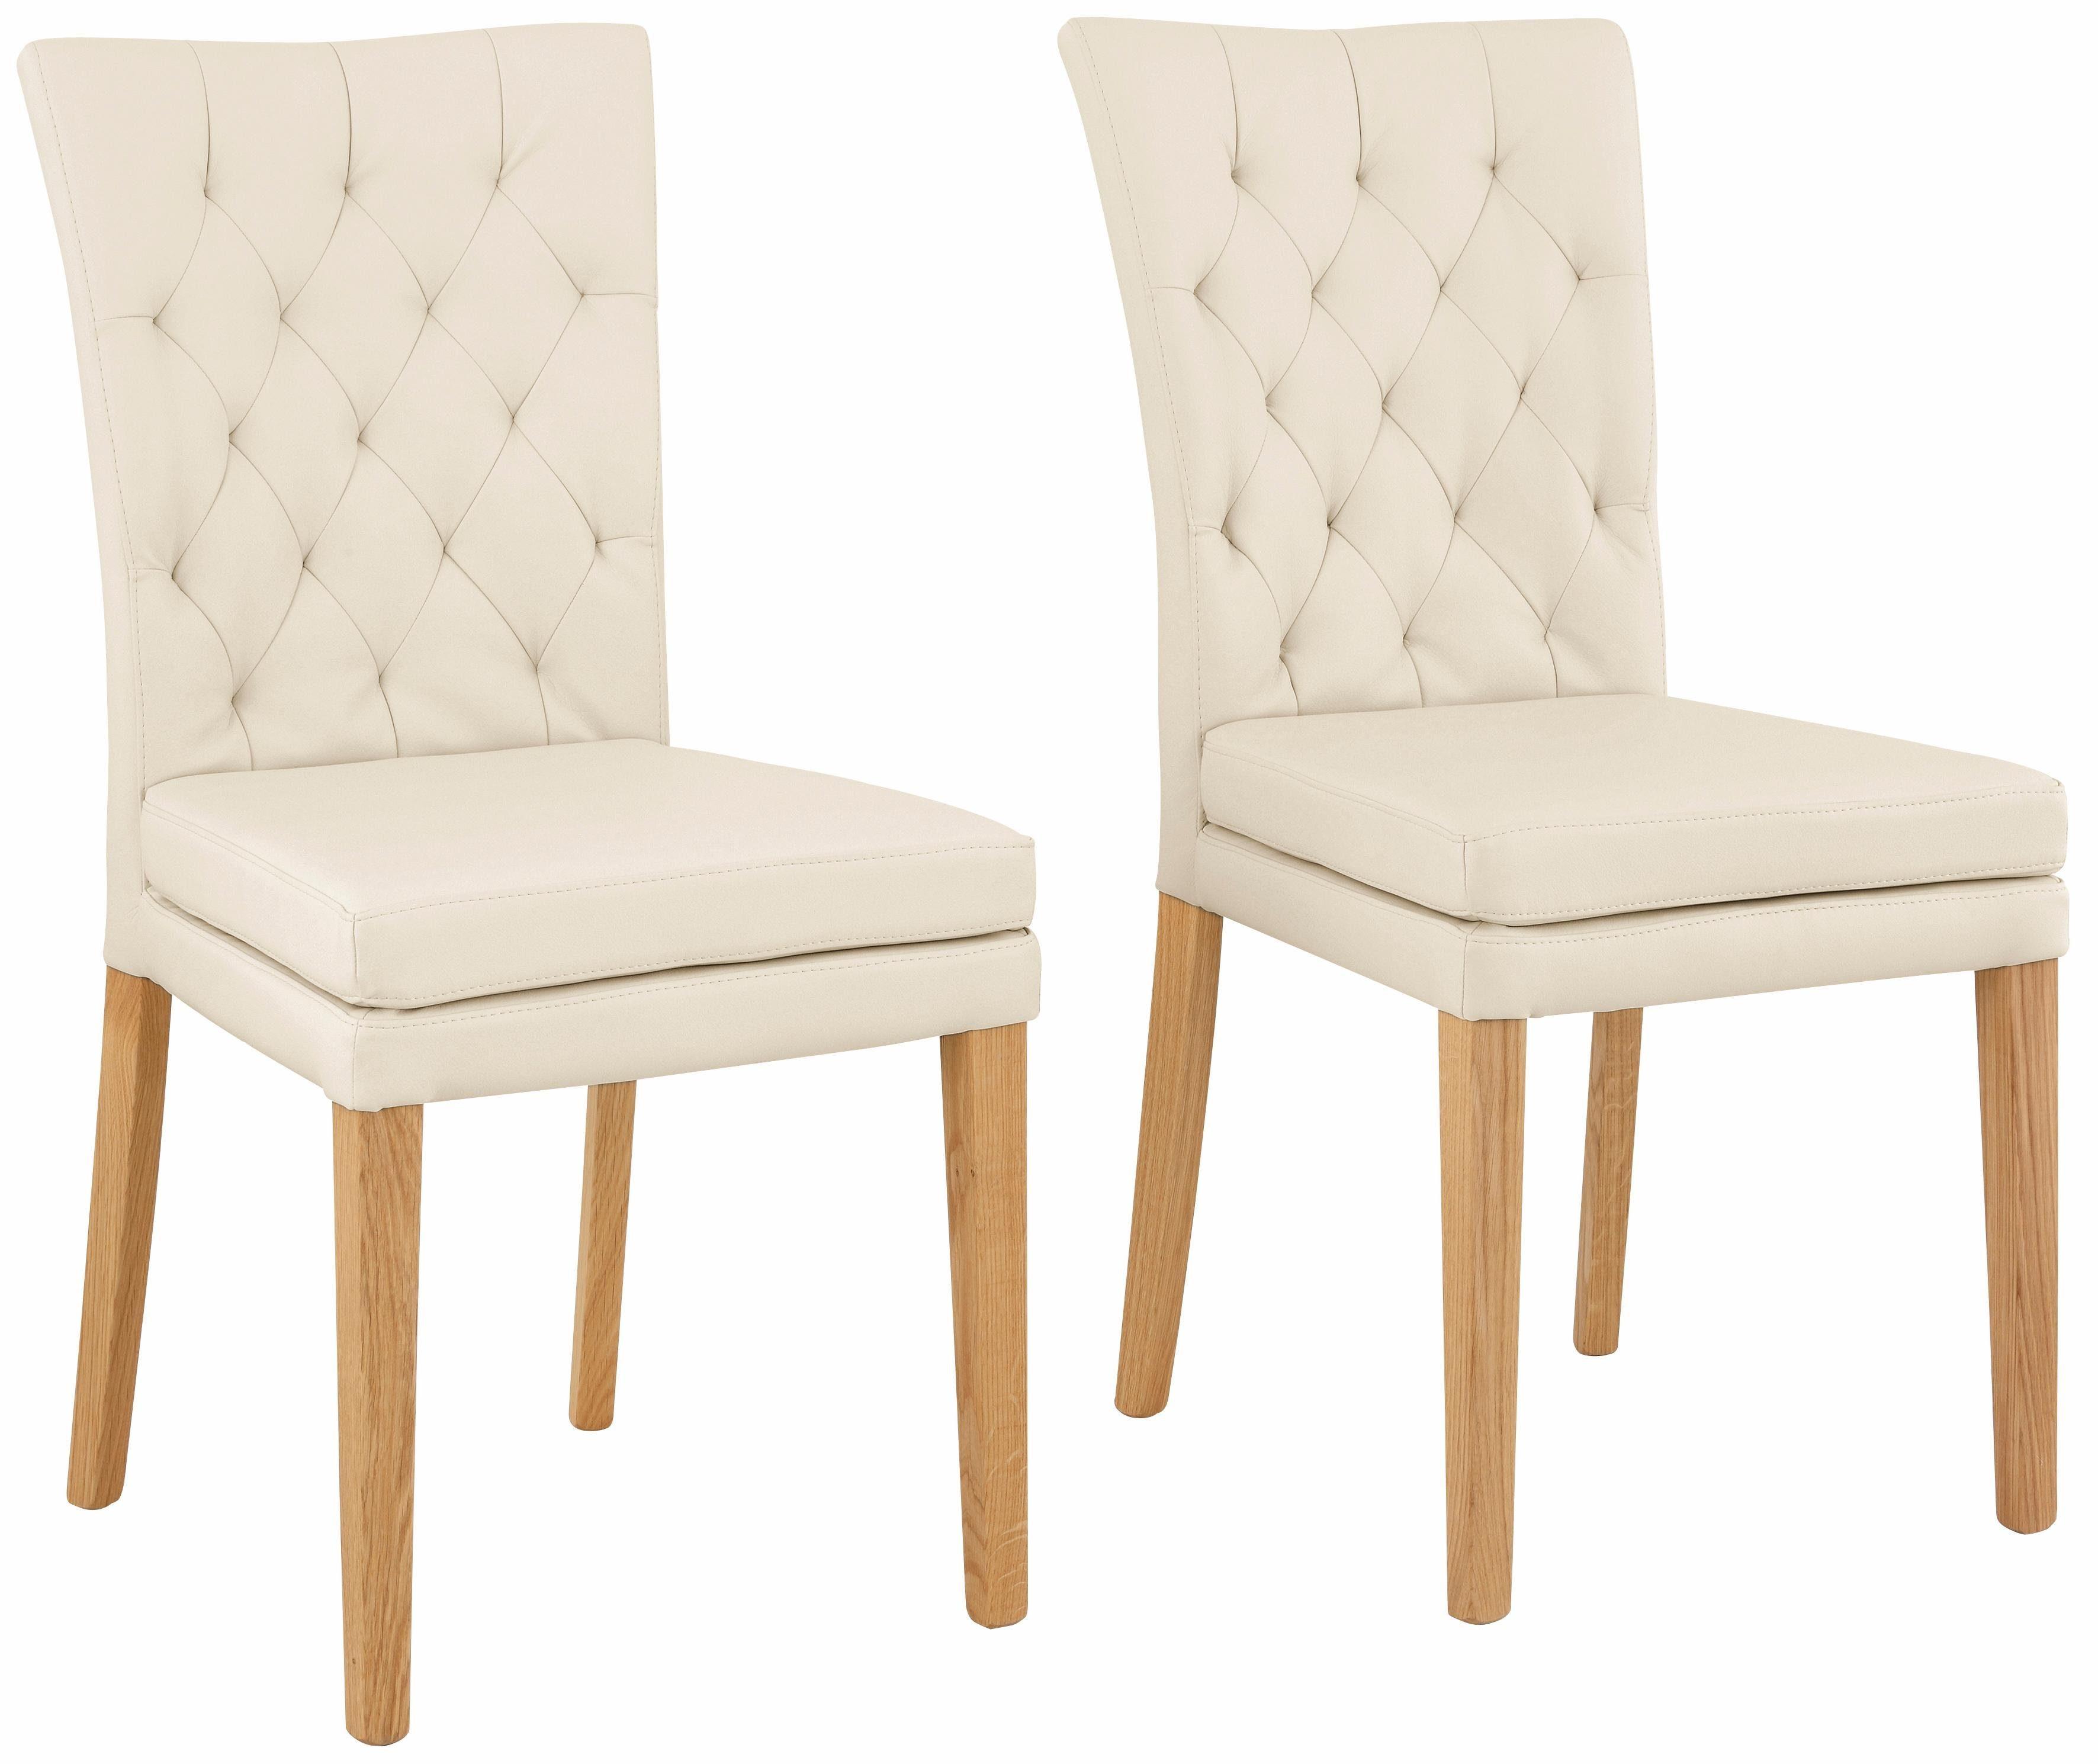 Home affaire Stuhl »Colorado« Beine in eiche oder nussbaum. Im 2er, 4er oder 6er Set online kaufen | OTTO